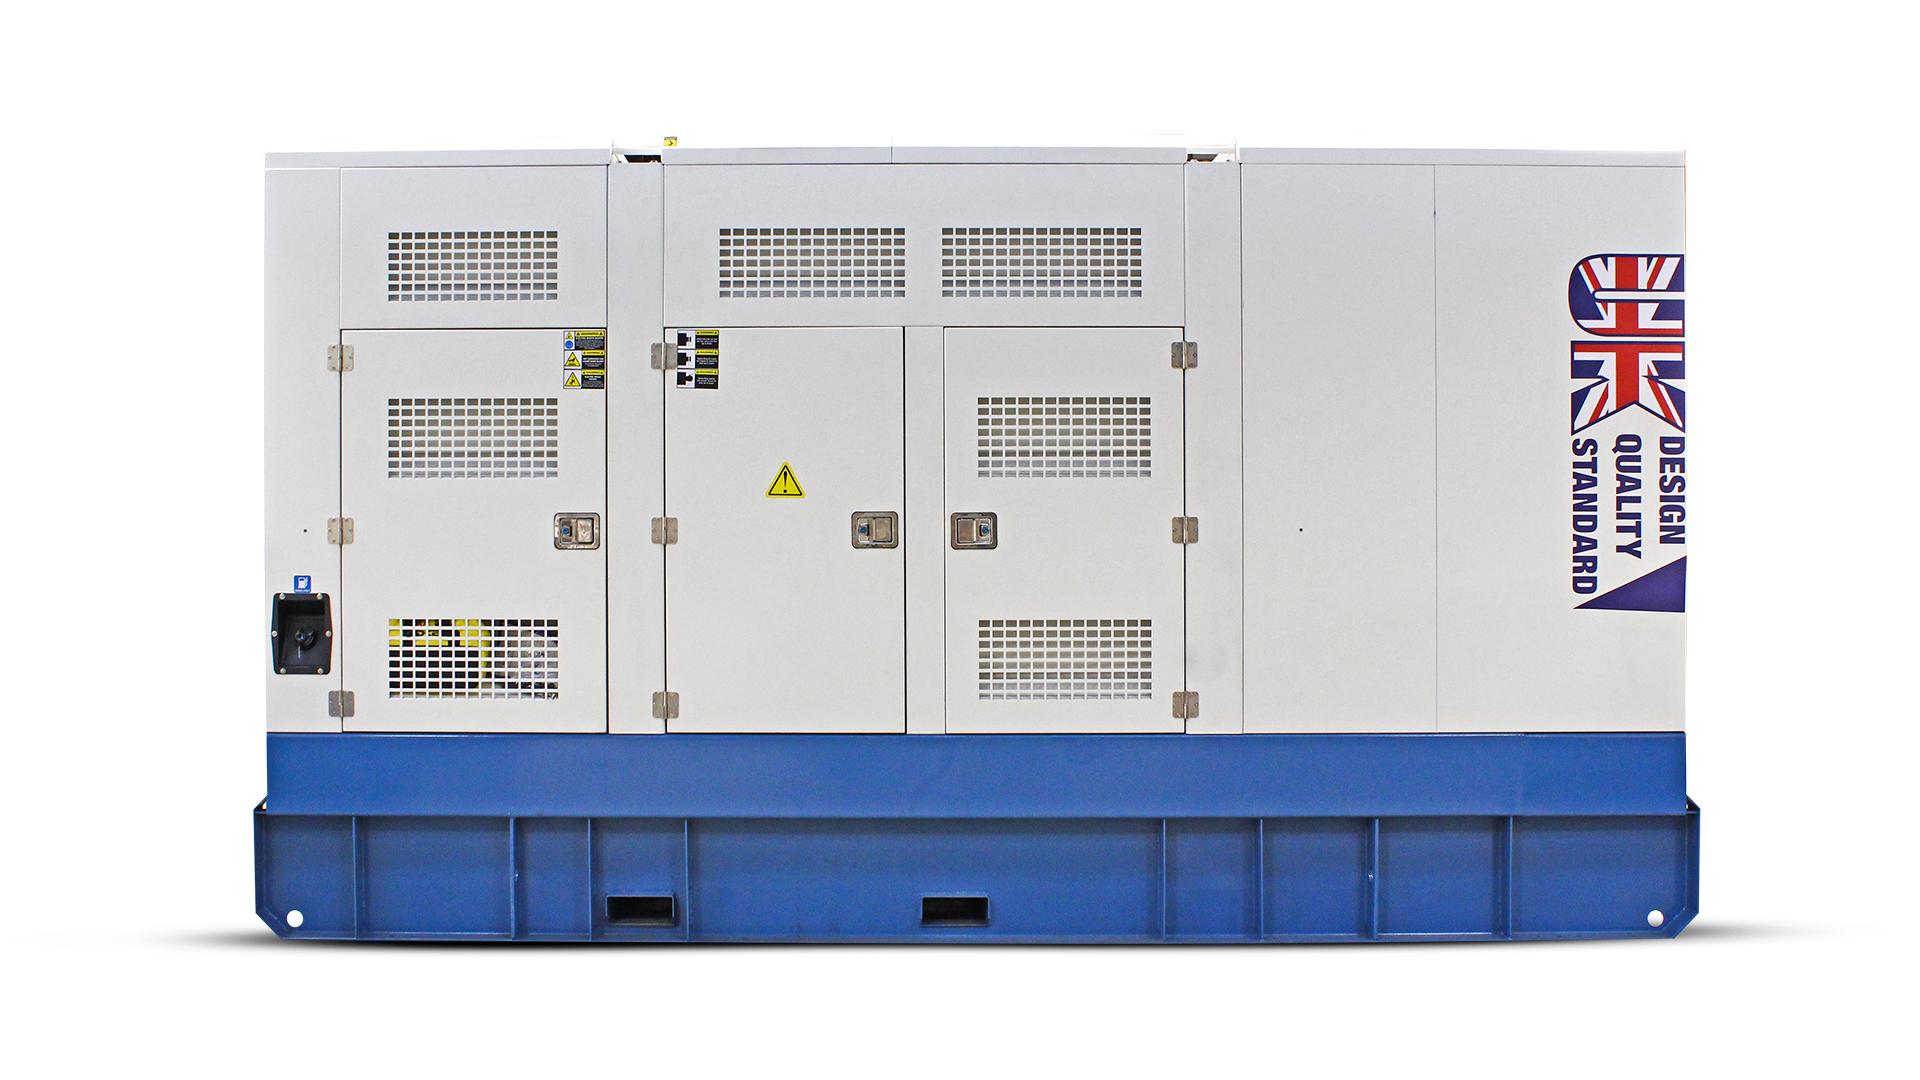 Rear view of the UKC550ECO 550kVA generator canopy